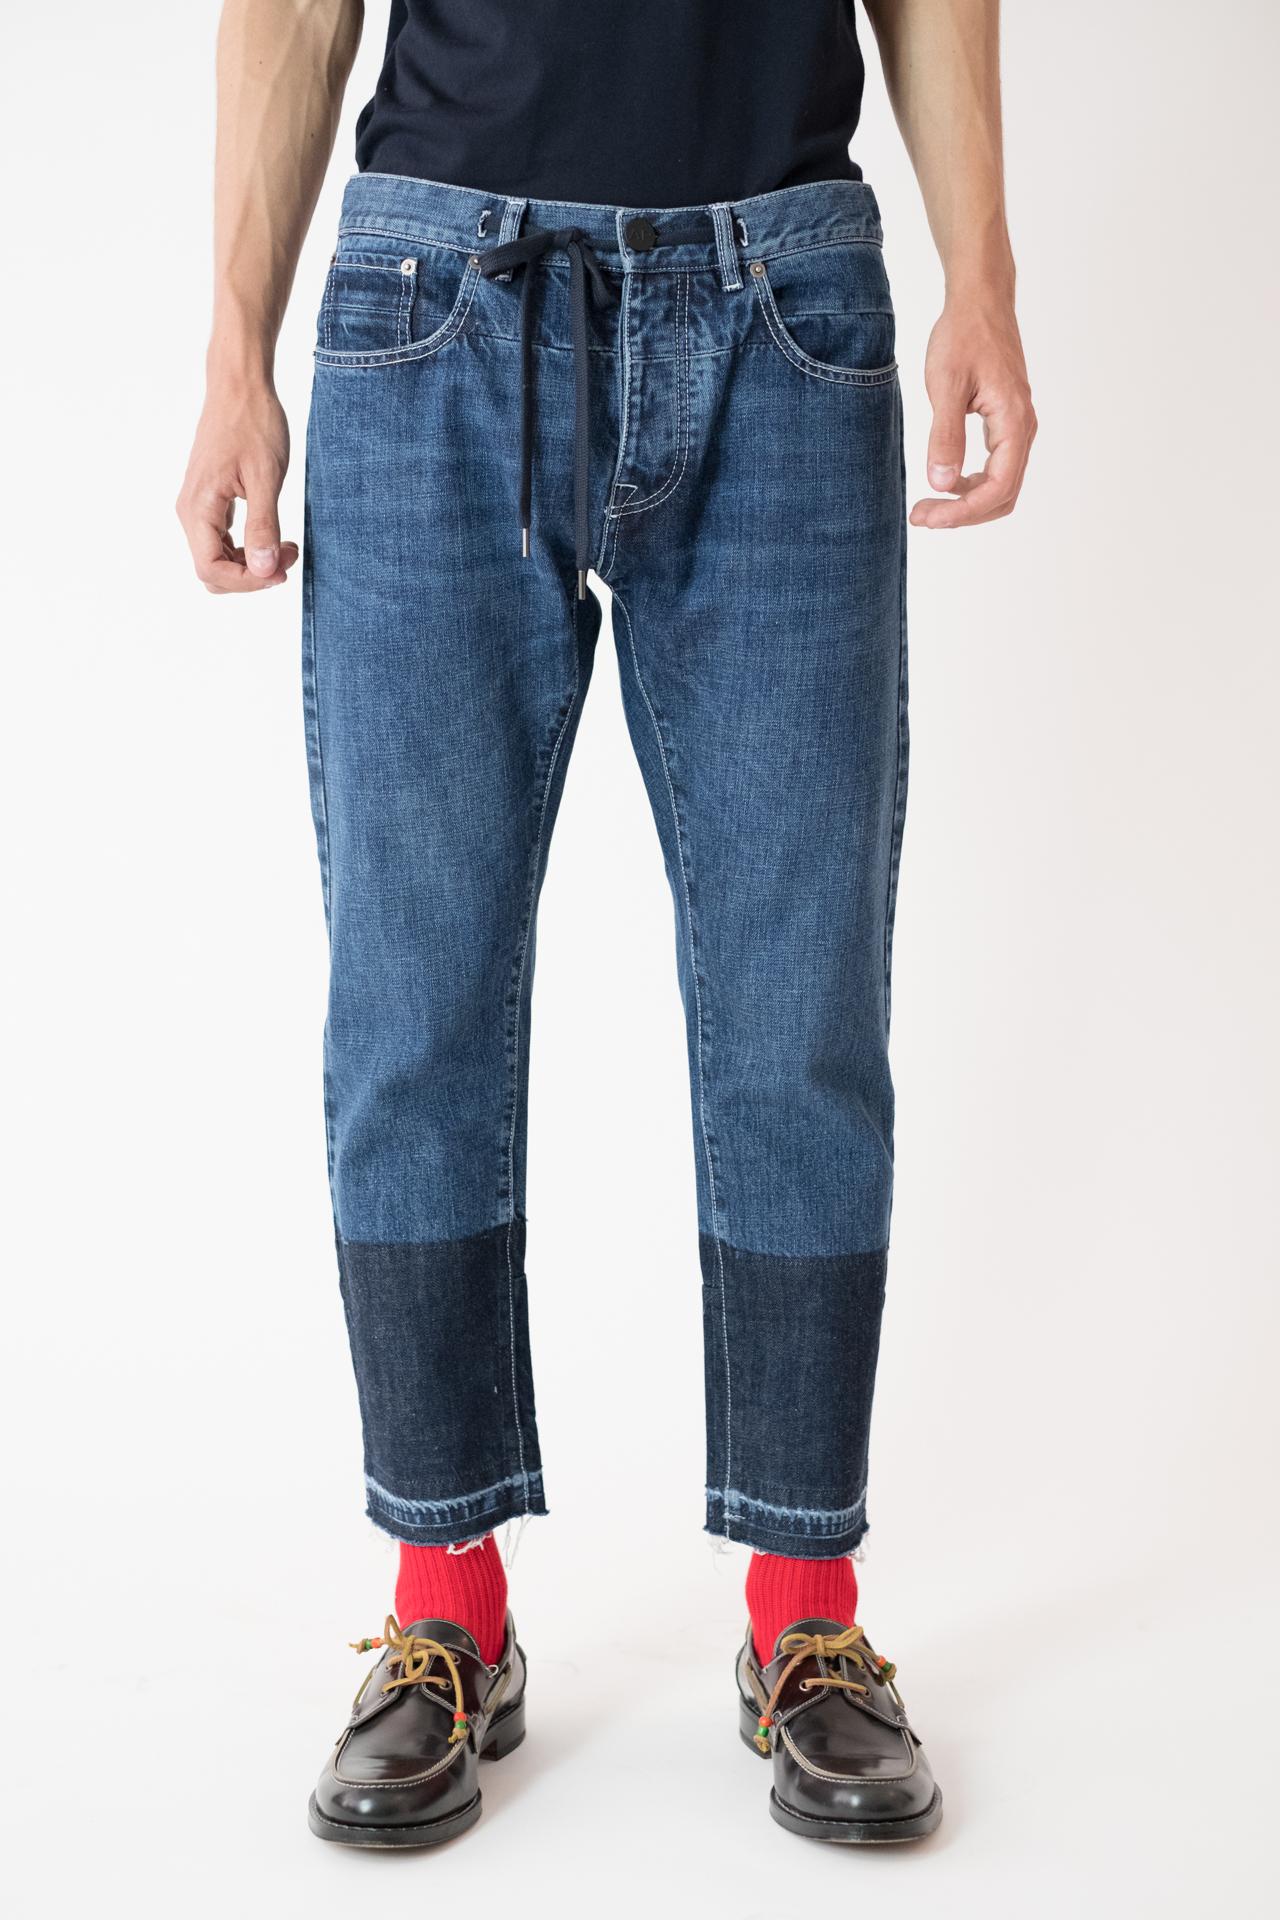 Andrea Pompilio Jeans Vintage5P